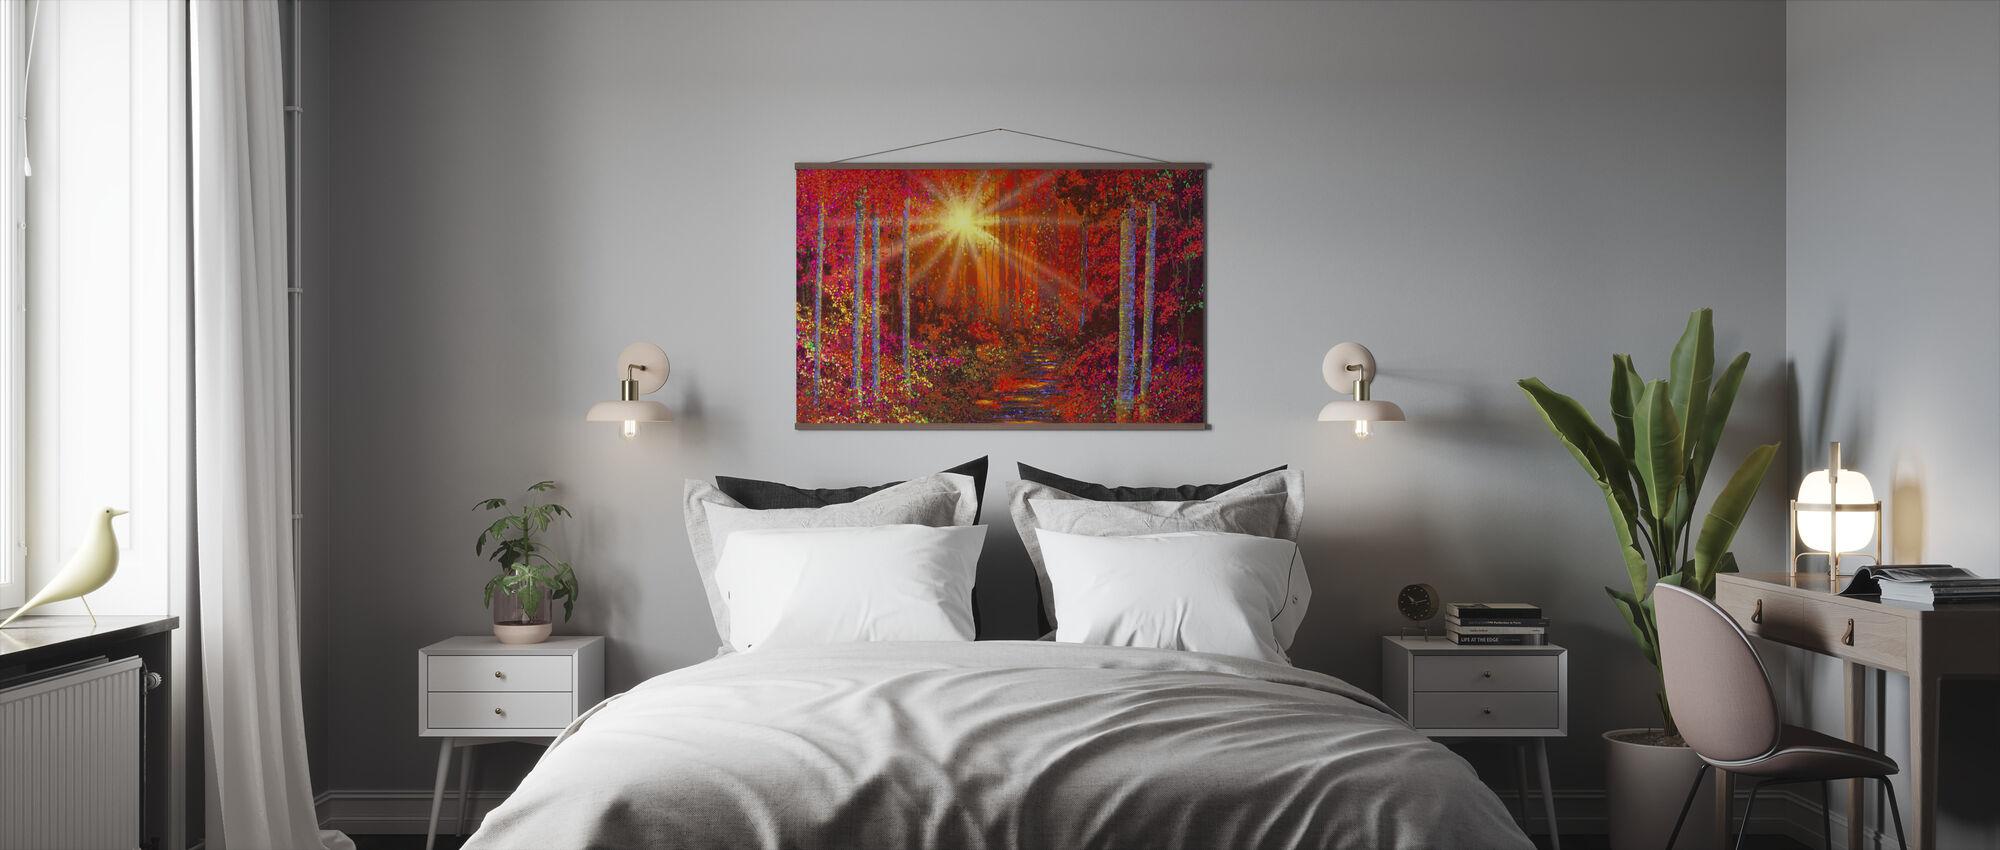 Crimson Forest - Poster - Bedroom